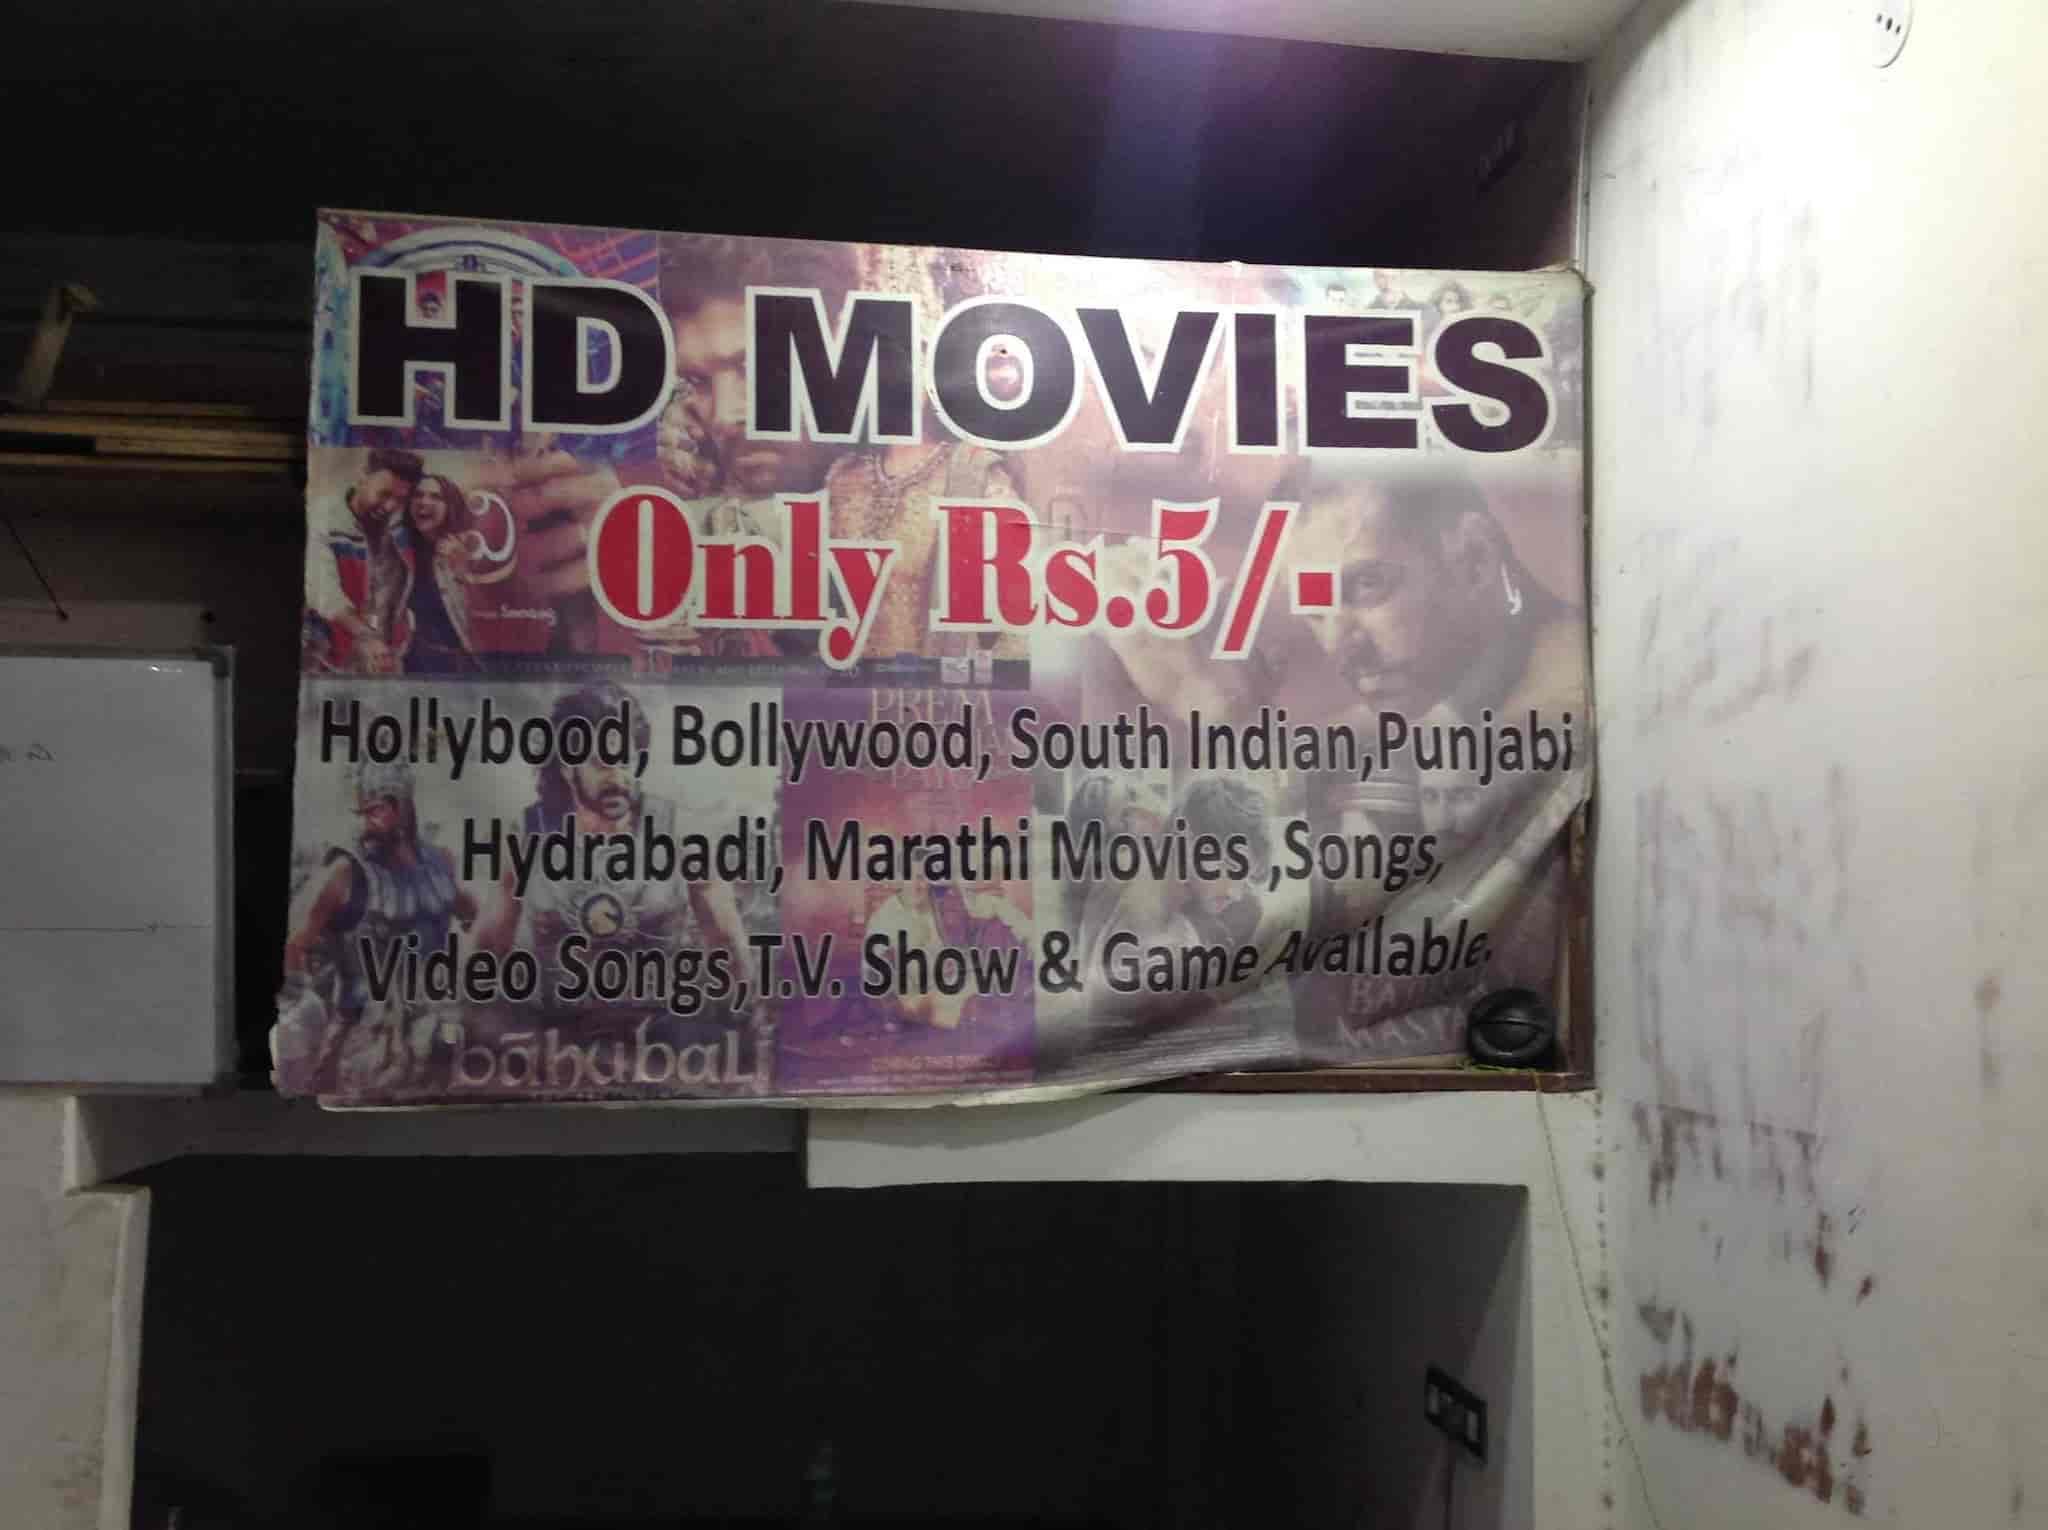 Raj mobile hd movie photos, govindpura, bhopal pictures & images.